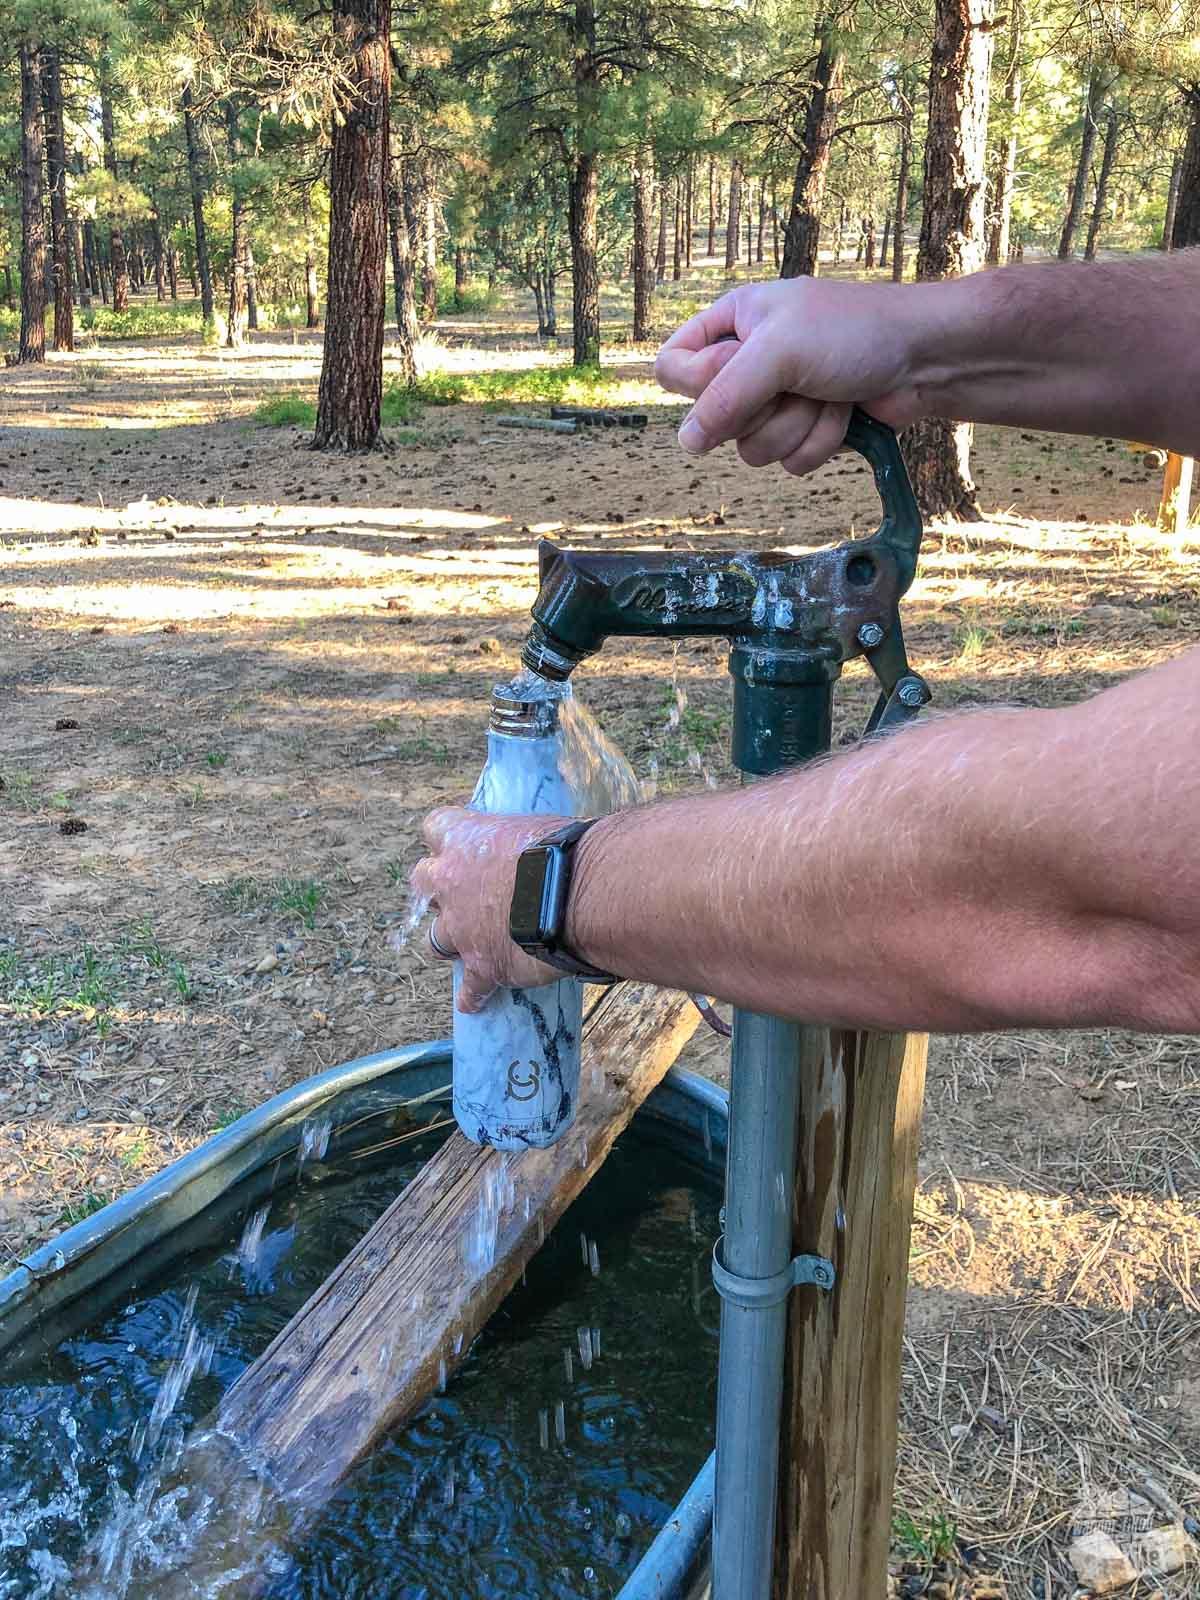 Filling up a Crazy Cap at a horse trough.